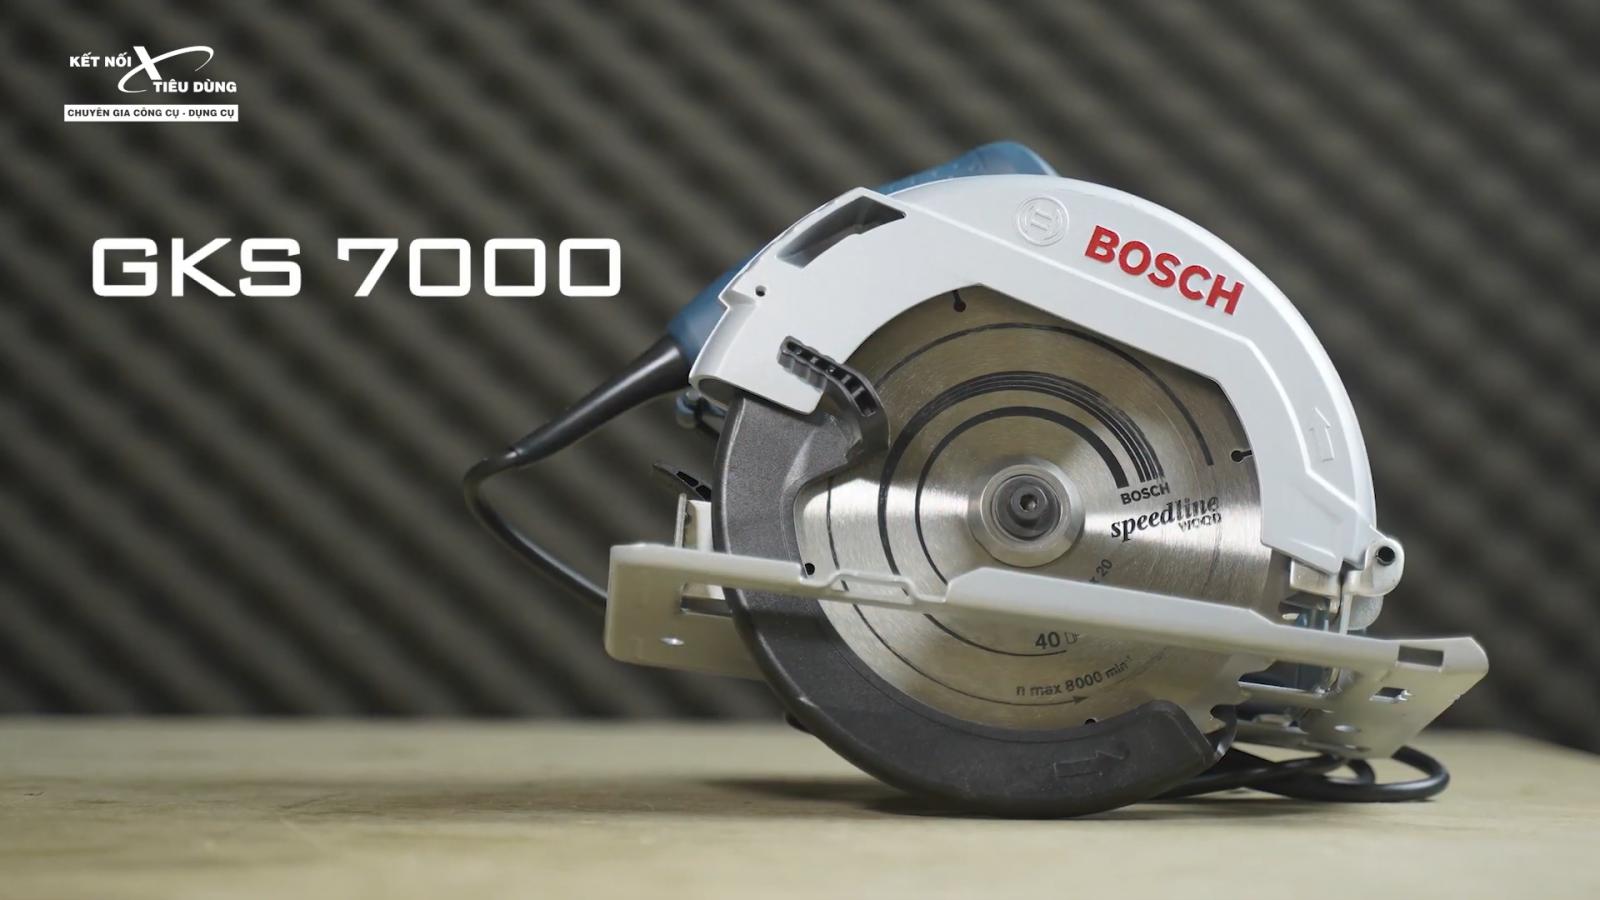 Review máy cưa đĩa rẻ nhất của Bosch - GSK 7000: chất lượng tốt, cưa êm, đường cưa mịn, độ hoàn thiện cao - thông tin chi tiết máy cưa đĩa